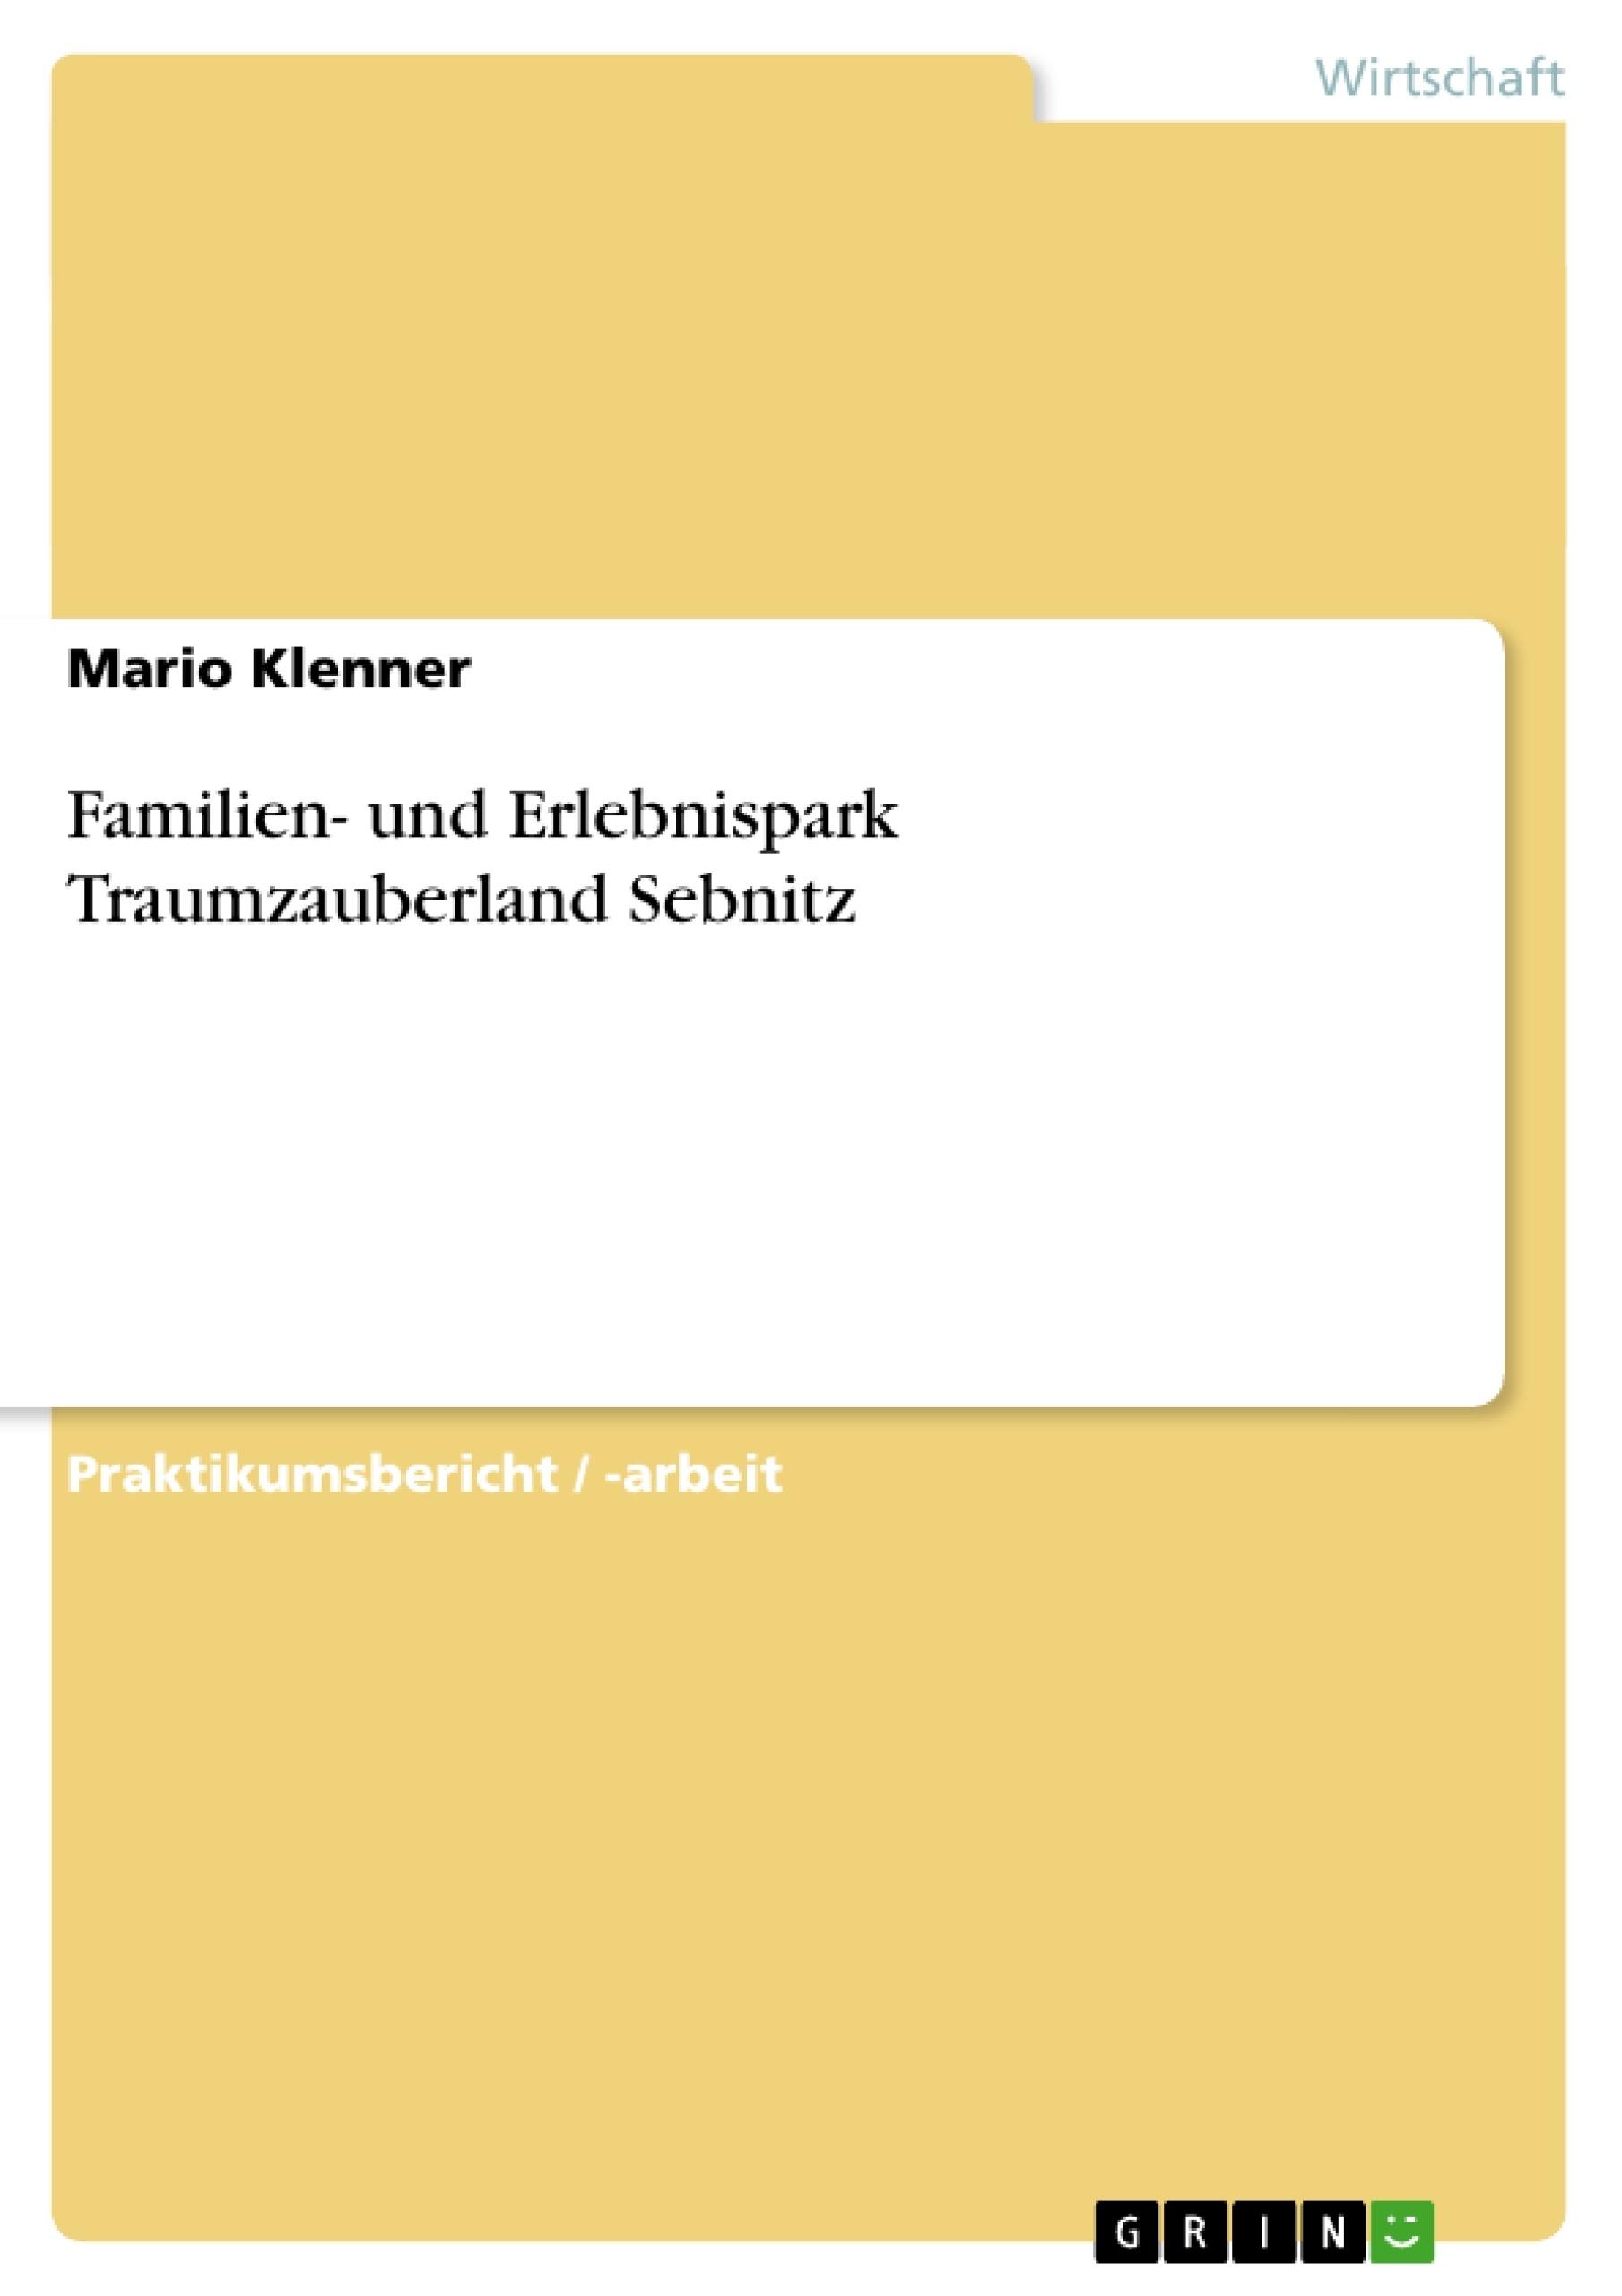 Titel: Familien- und Erlebnispark Traumzauberland Sebnitz